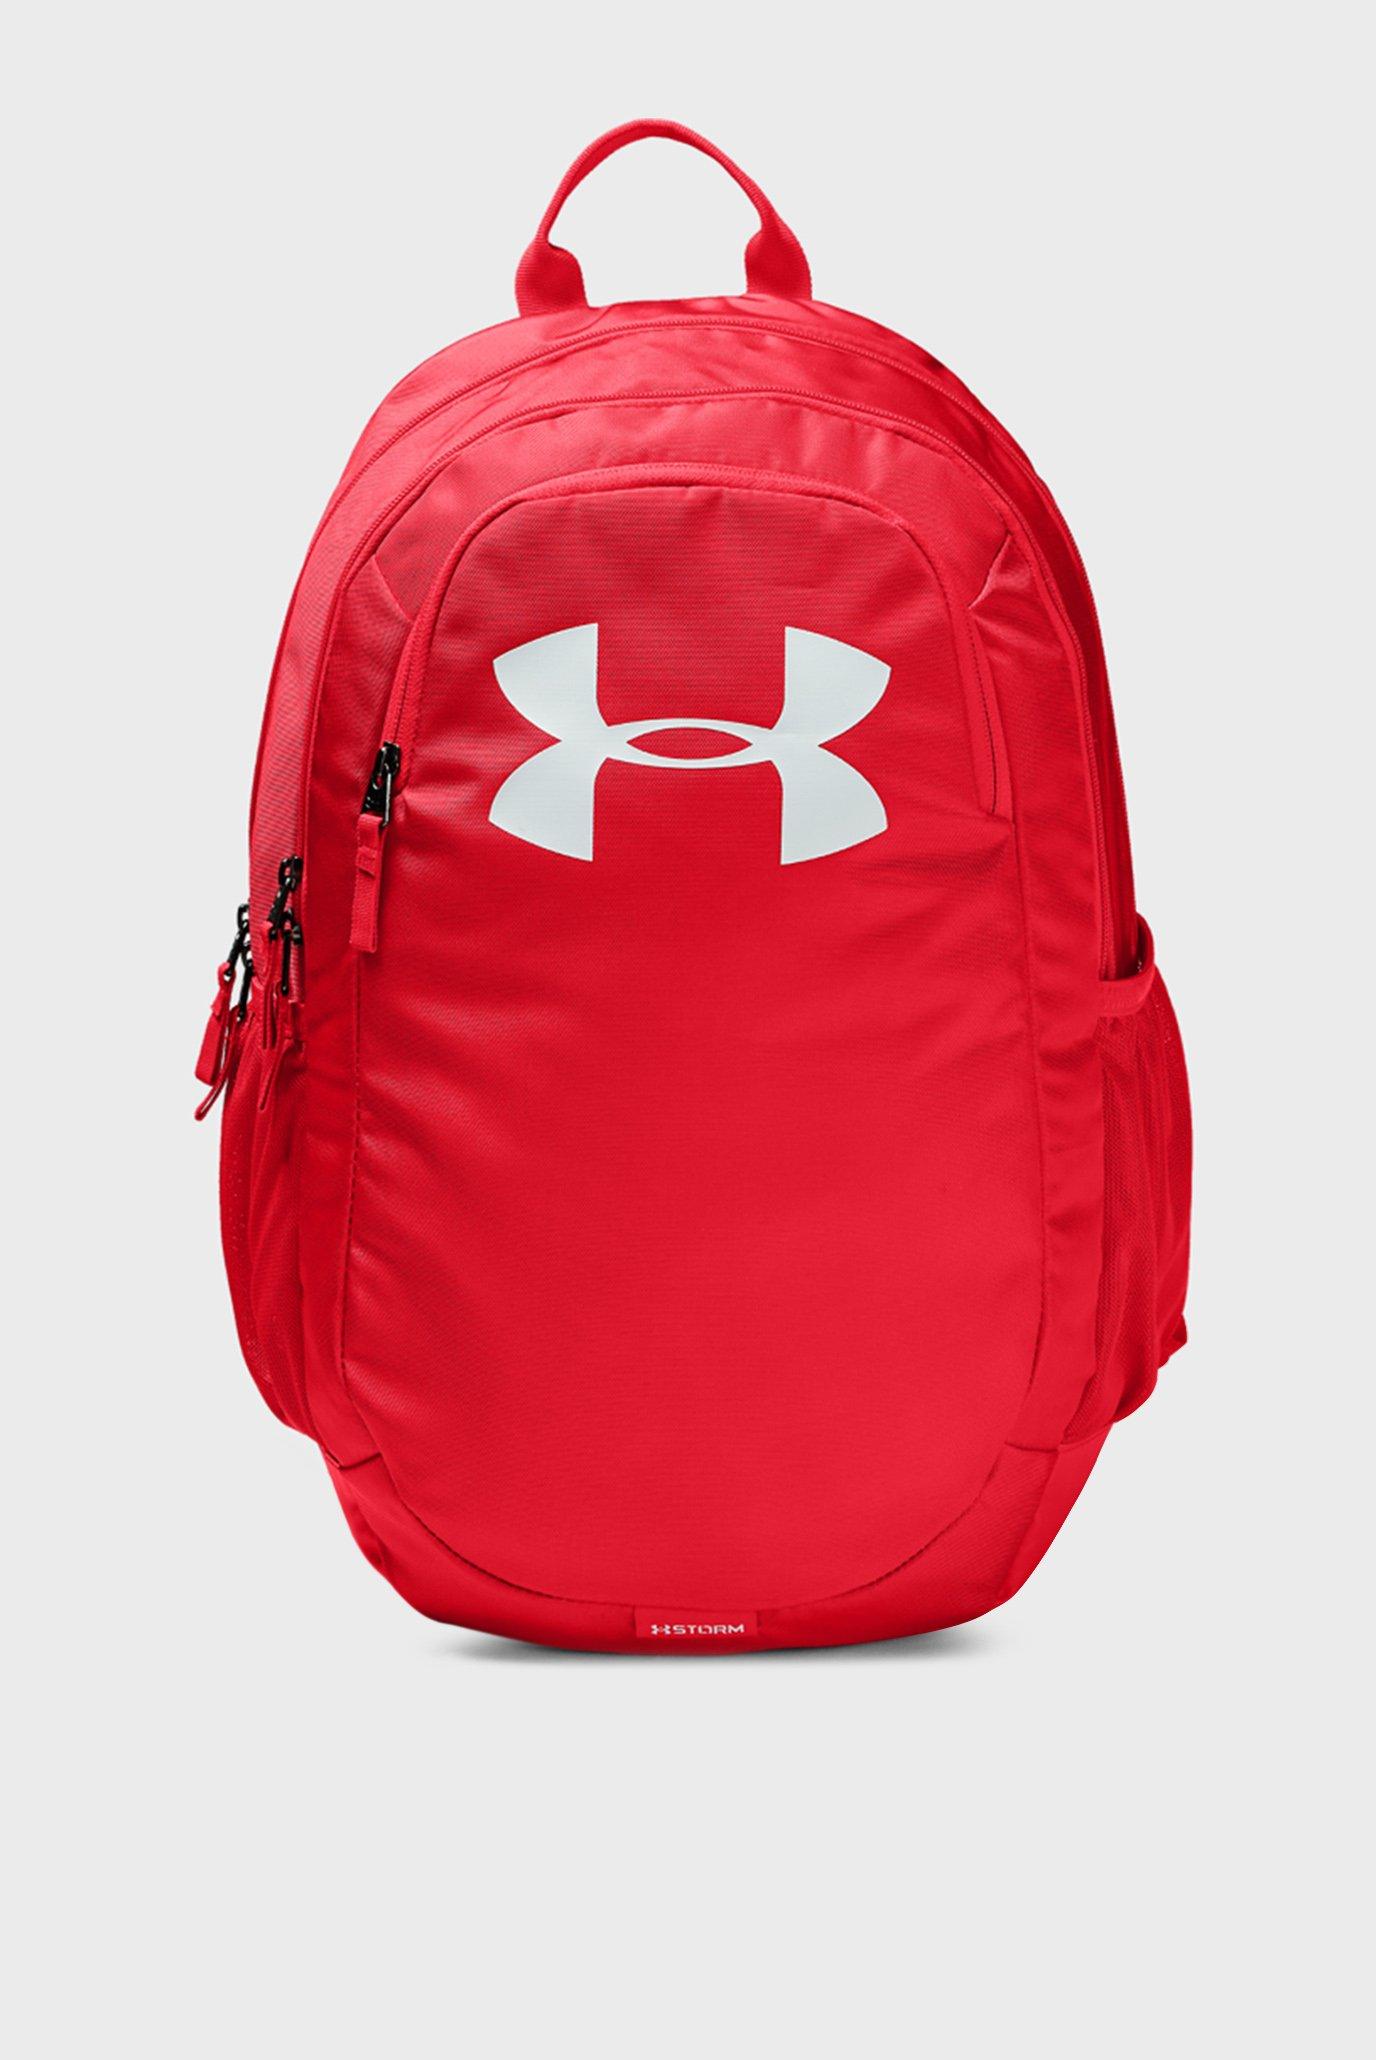 Червоний рюкзак UA Scrimmage 2.0 Backpack 1